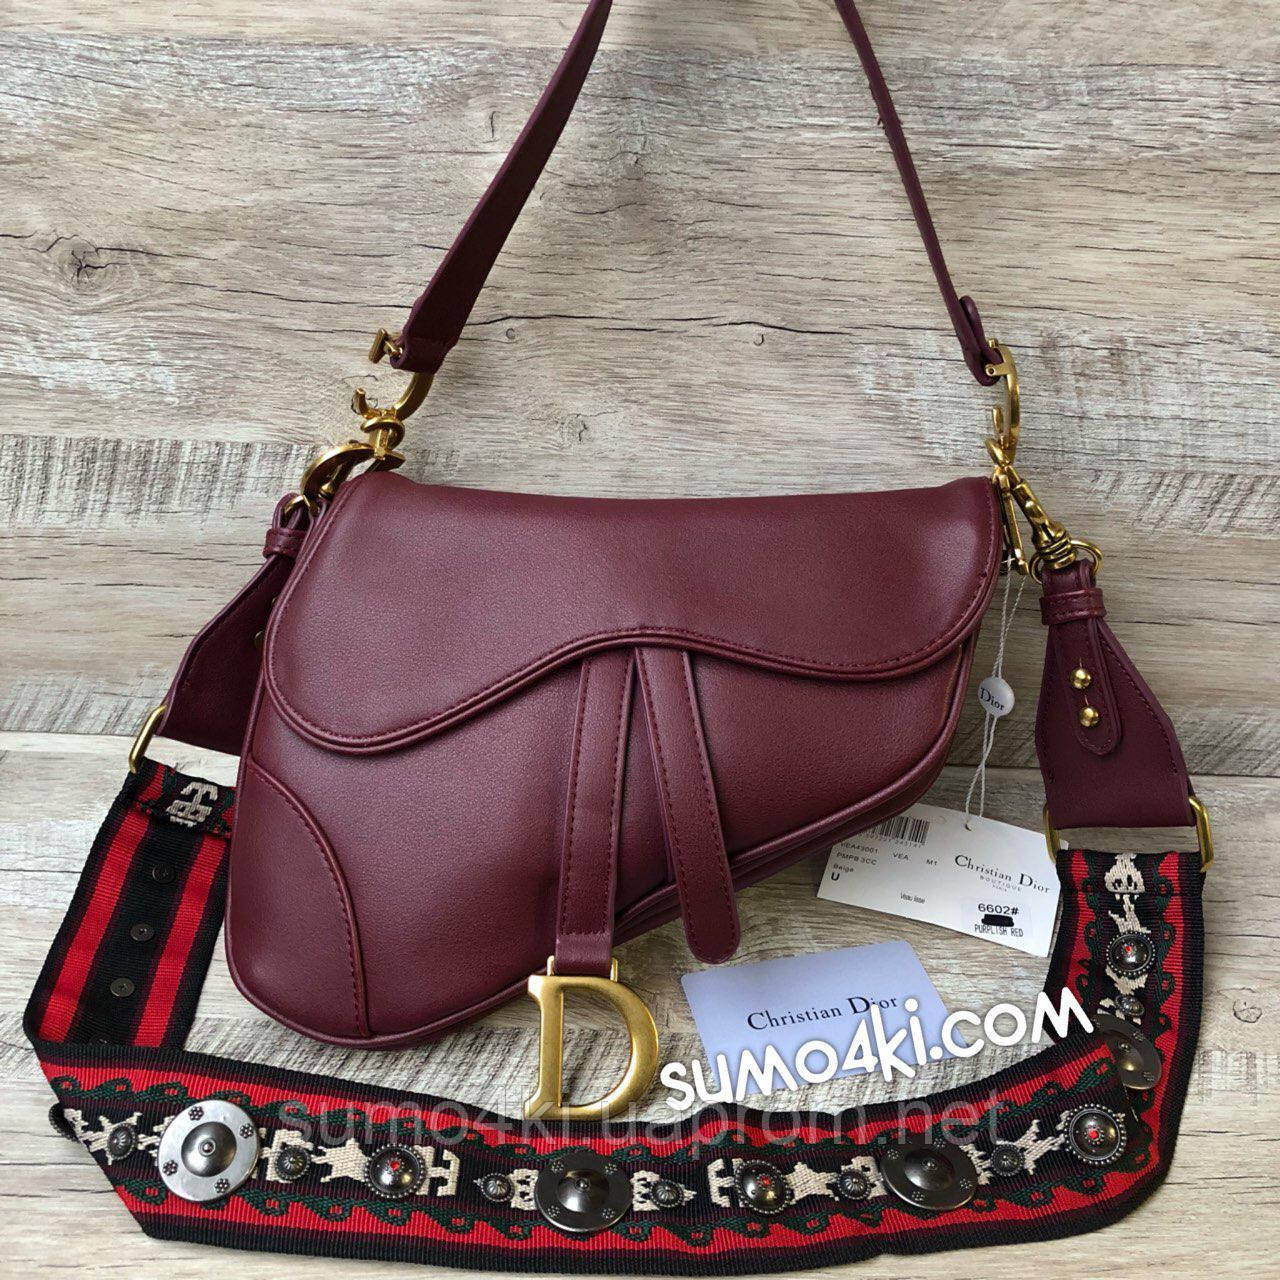 853fe1b39d5a Женская стильная сумка Christian Dior Saddle - Интернет-магазин «Галерея  Сумок» в Одессе